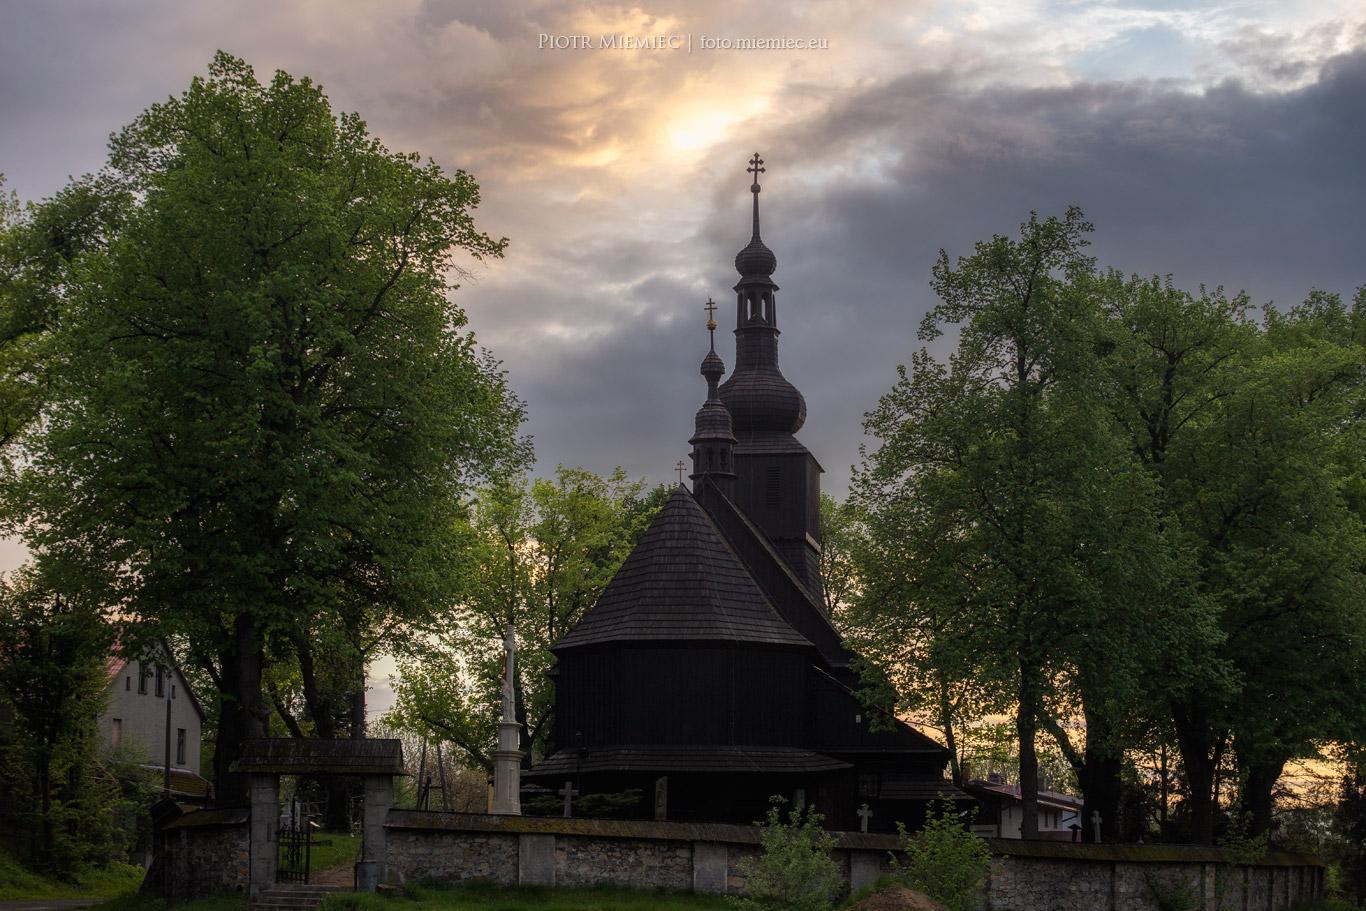 Kościół w Bełku – maj 2021